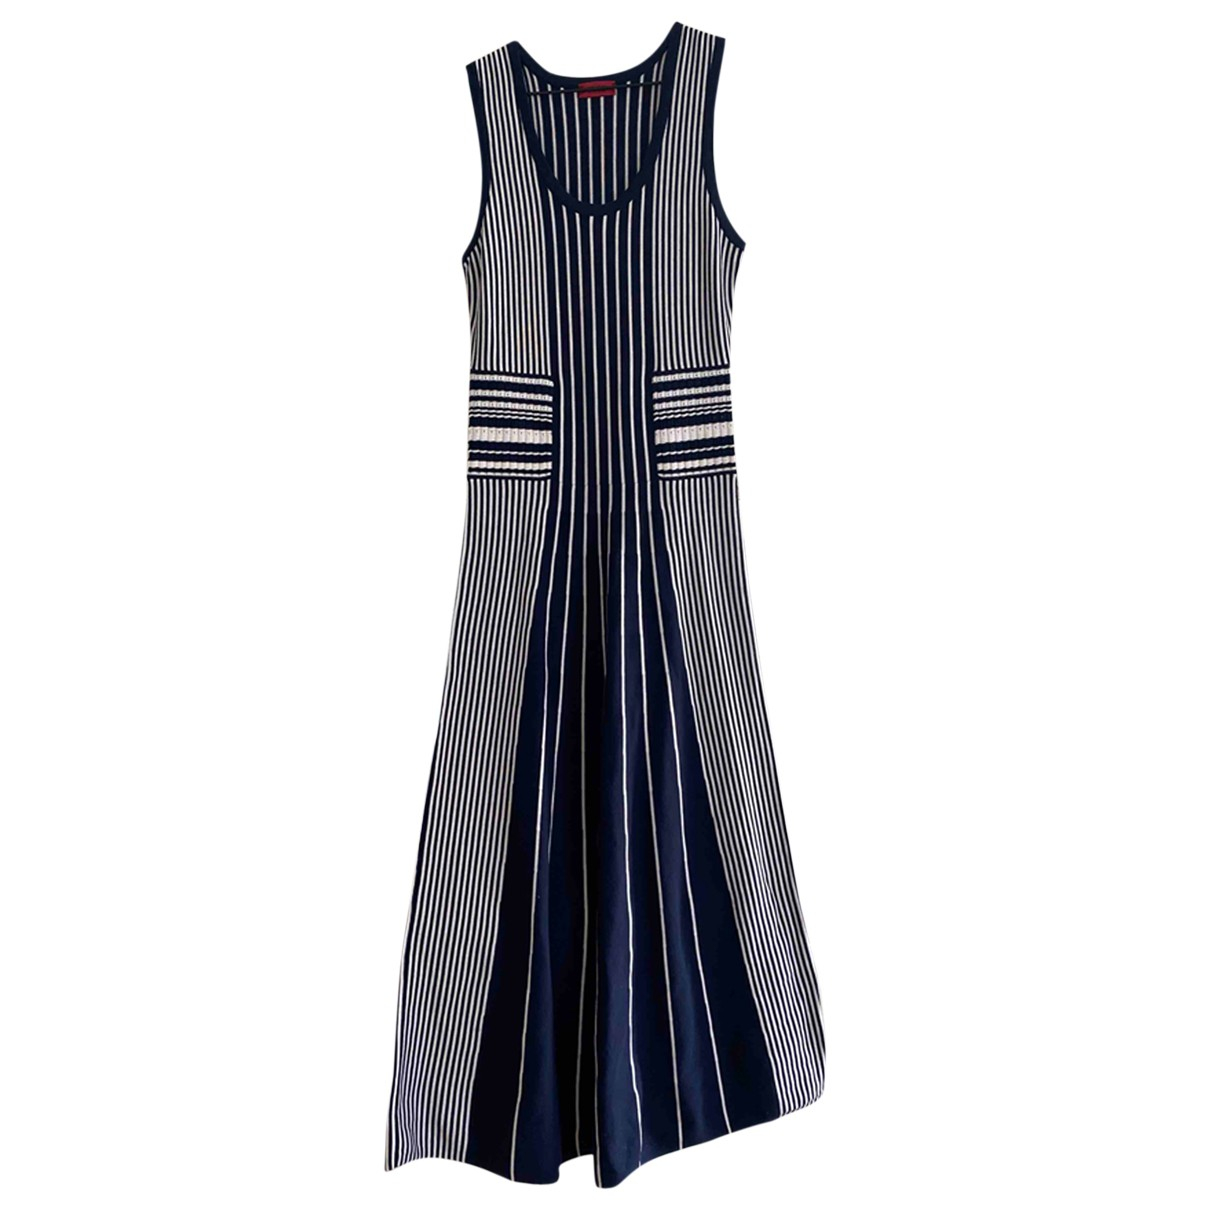 Hugo Boss \N Blue Cotton dress for Women 34 FR